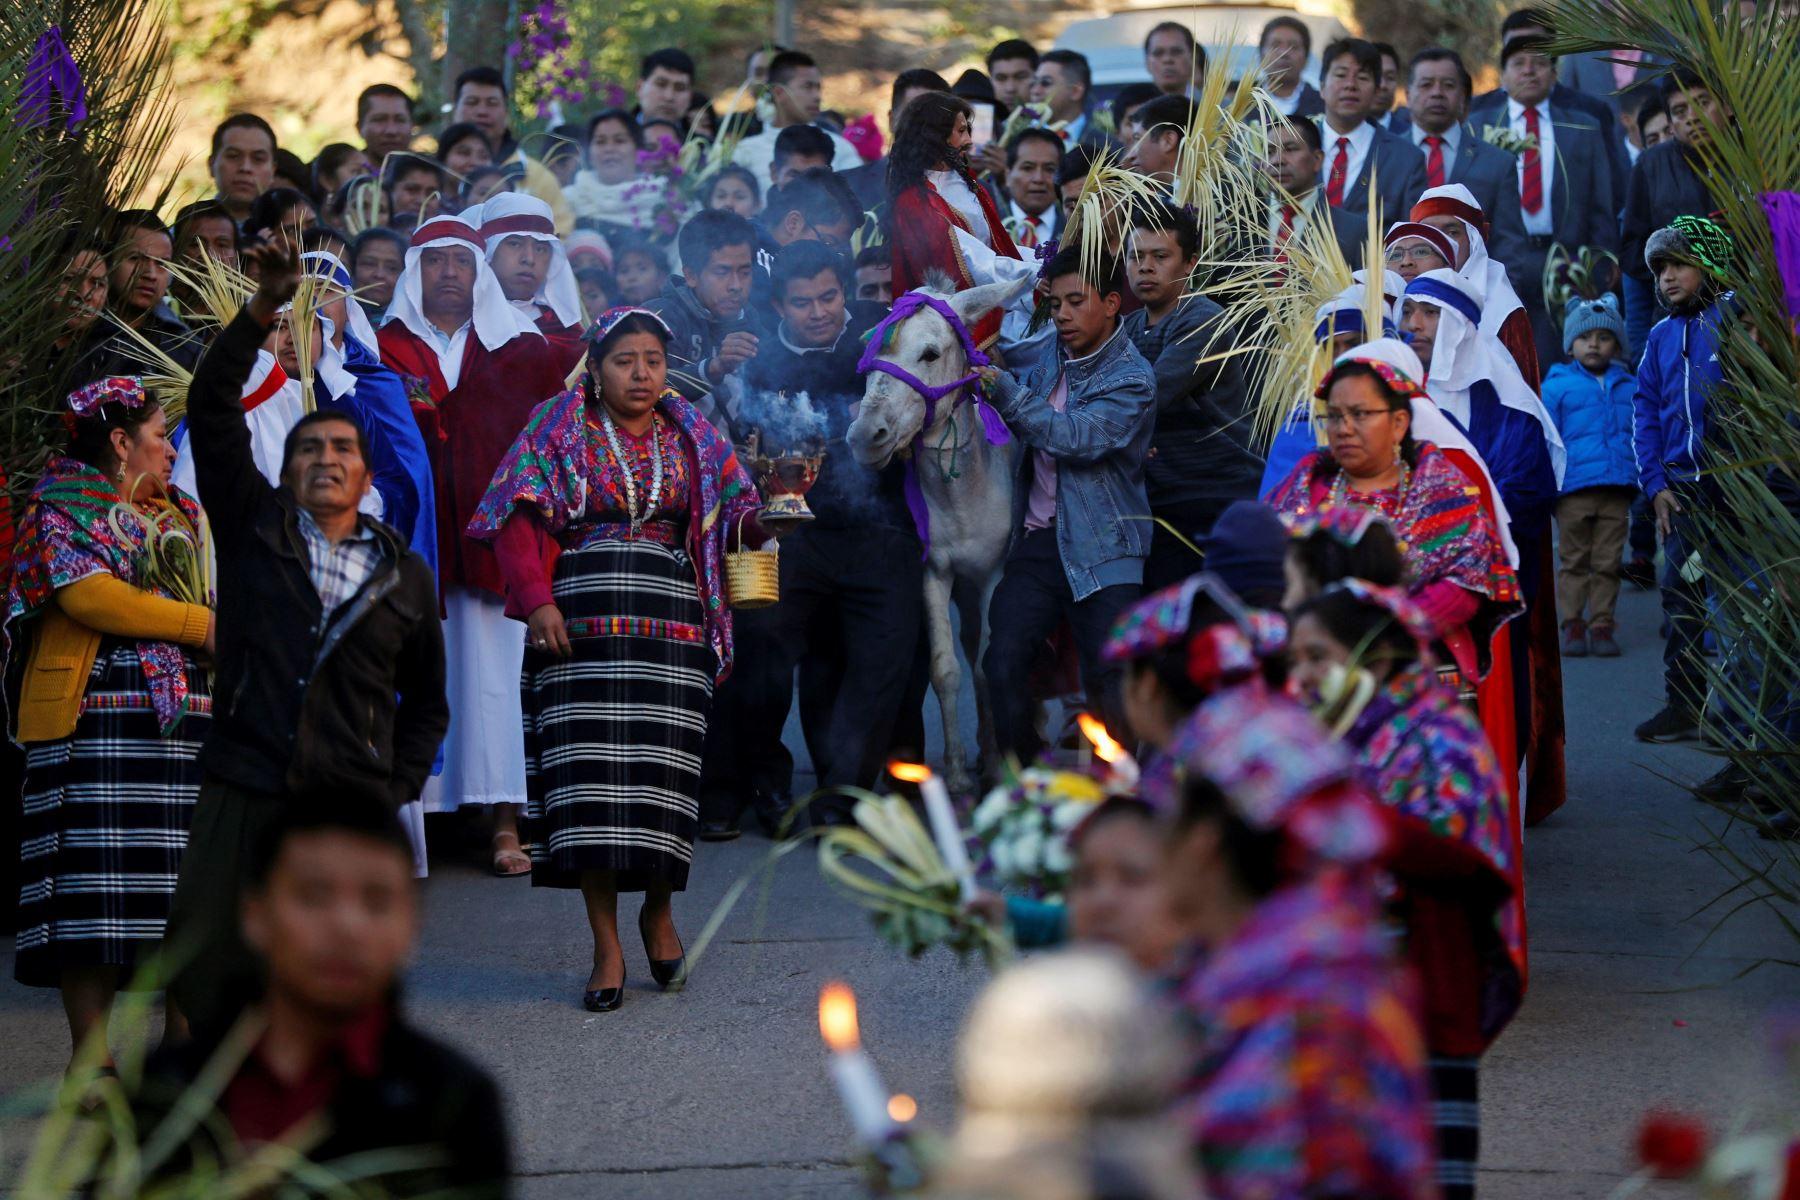 Devotos católicos participan en la procesión de Domingo de Ramos  en el municipio de San Pedro Sacatepéquez -Guatemala.Foto:EFE